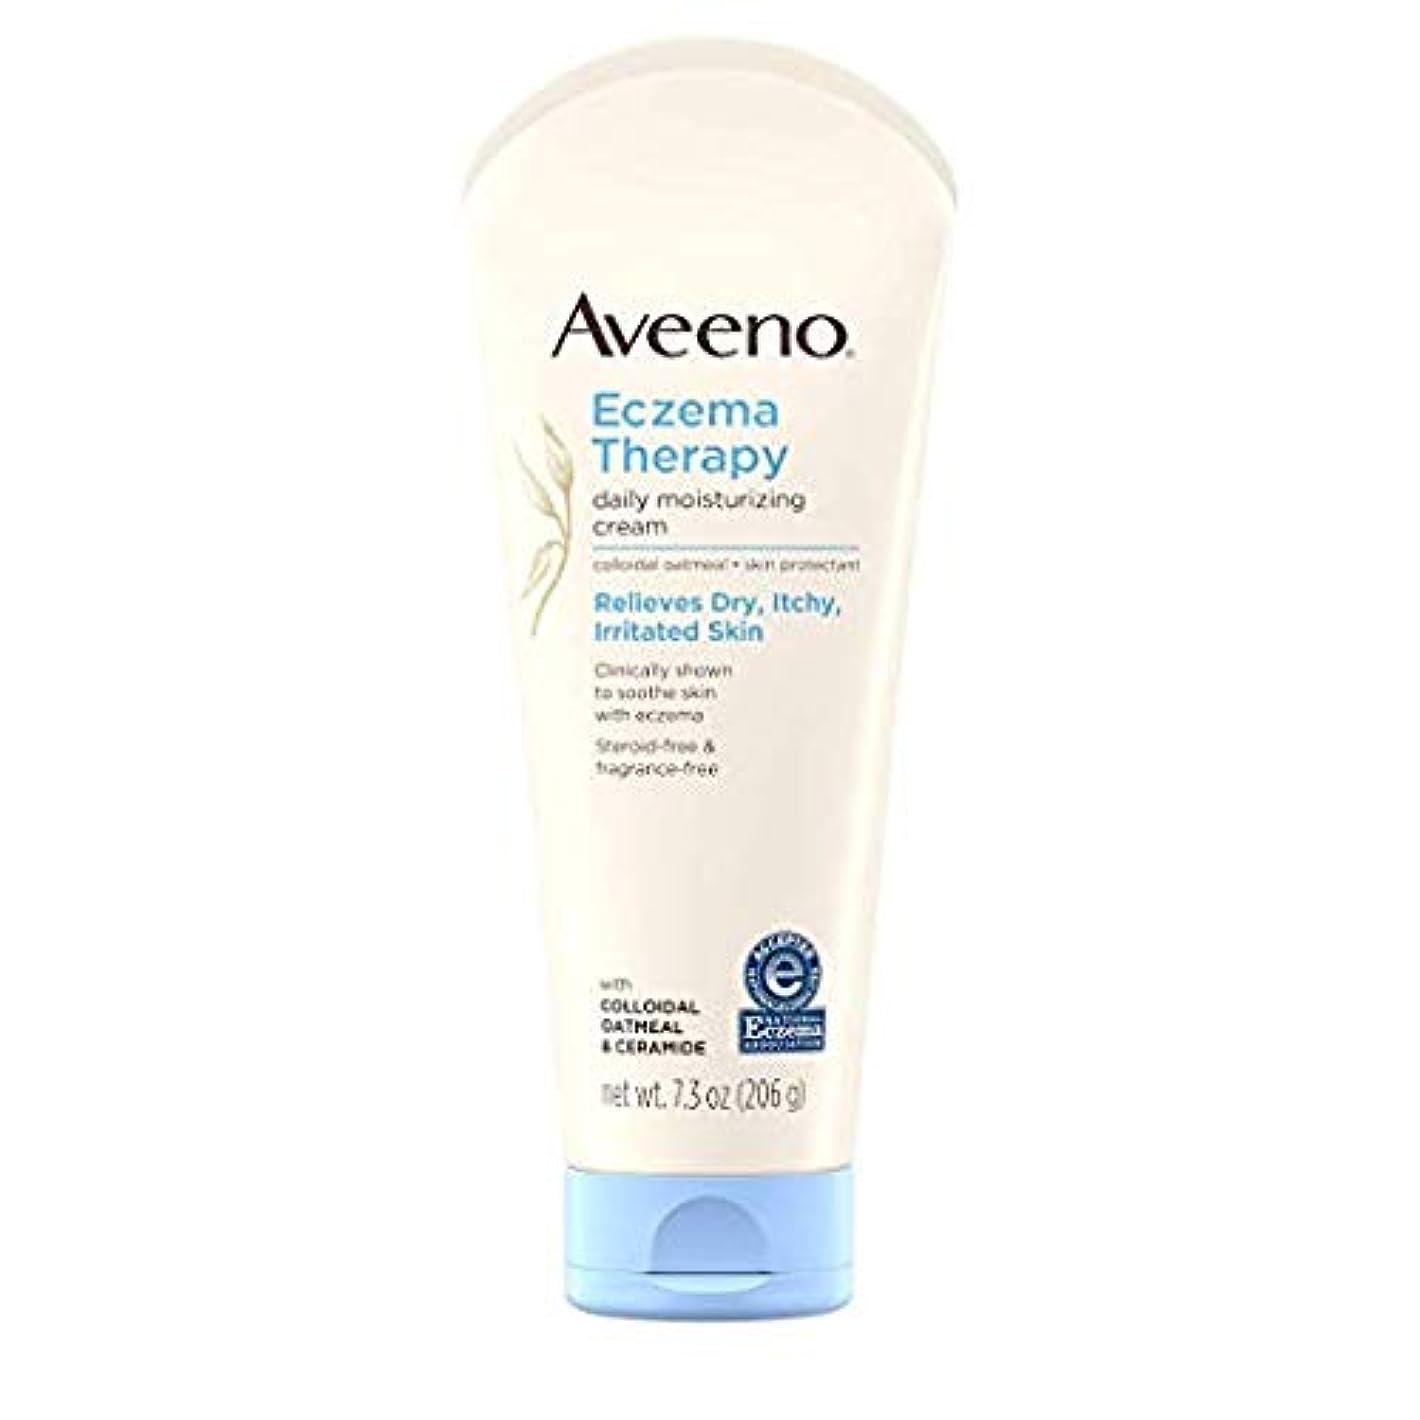 の慈悲でブラウザ消毒剤Aveeno - Eczema Therapy Moisturizing Cream - 7.3 oz (206 g) アビーノ 保湿クリーム [並行輸入品]